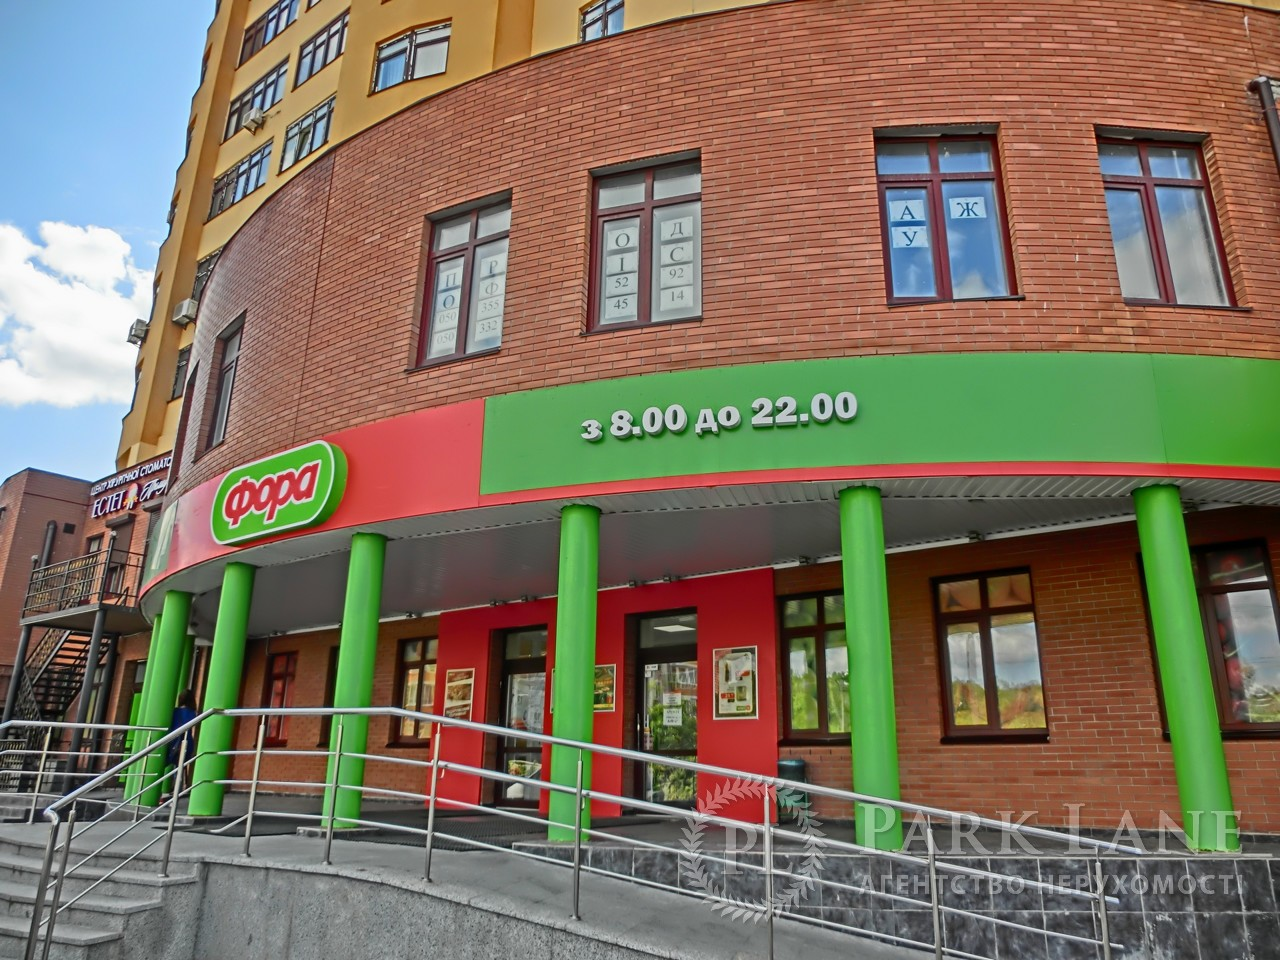 Нежитлове приміщення, вул. Вітянська, Вишневе (Києво-Святошинський), B-92359 - Фото 22